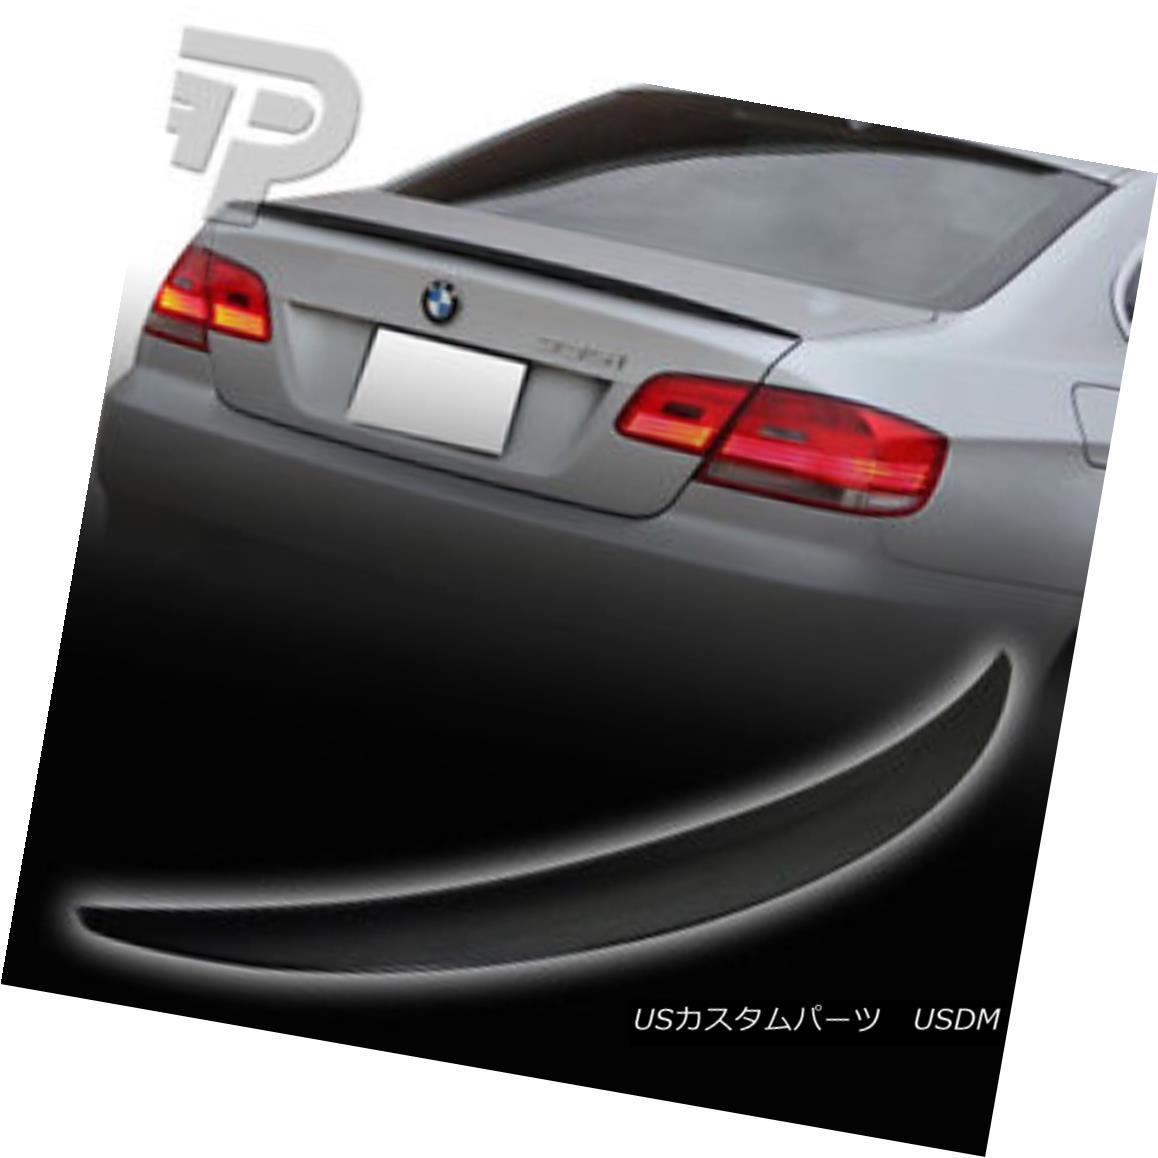 エアロパーツ PAINTED BMW E92 PERFORMANCE P REAR BOOT SPOILER TRUNK 354 SILVER ▼ 塗装されたBMW E92パフォーマンスPリアスポイラートランク354シルバー?